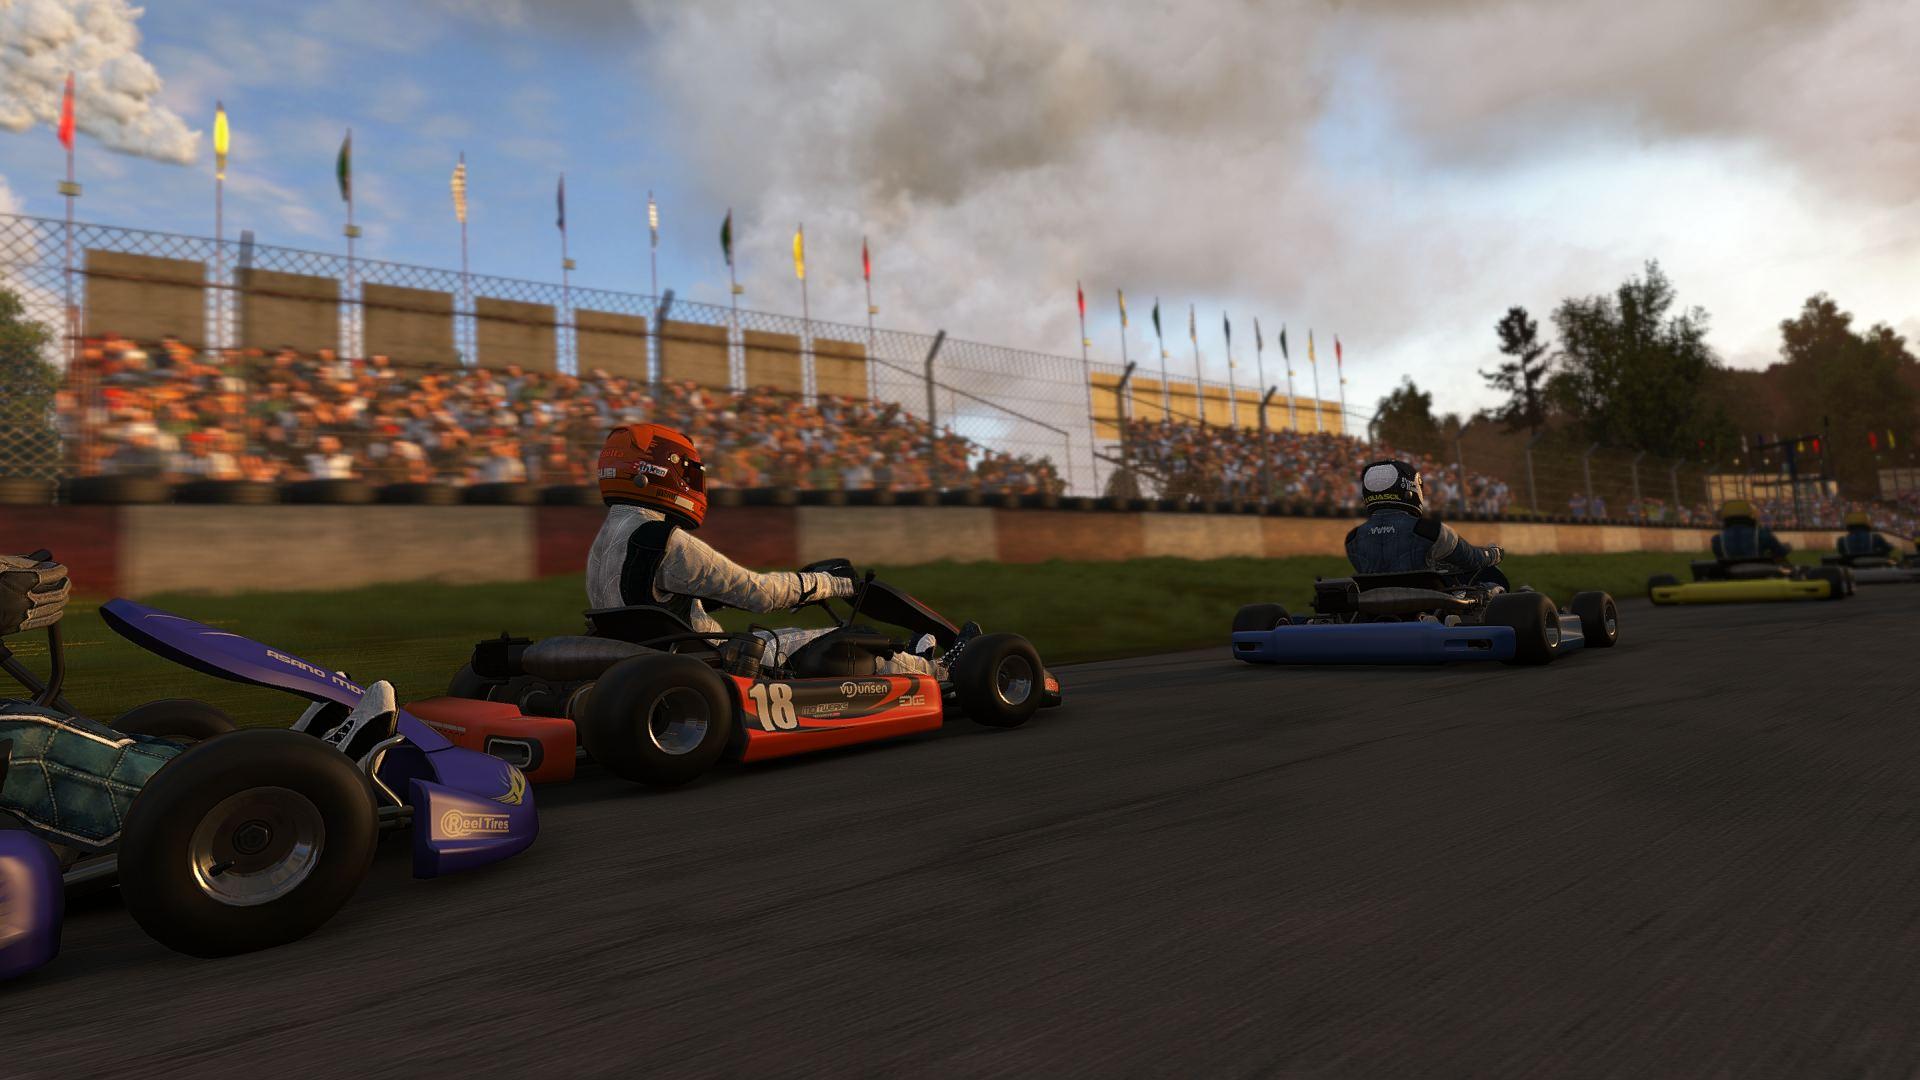 Obrazem: Motokárové závody v Project Cars 102124